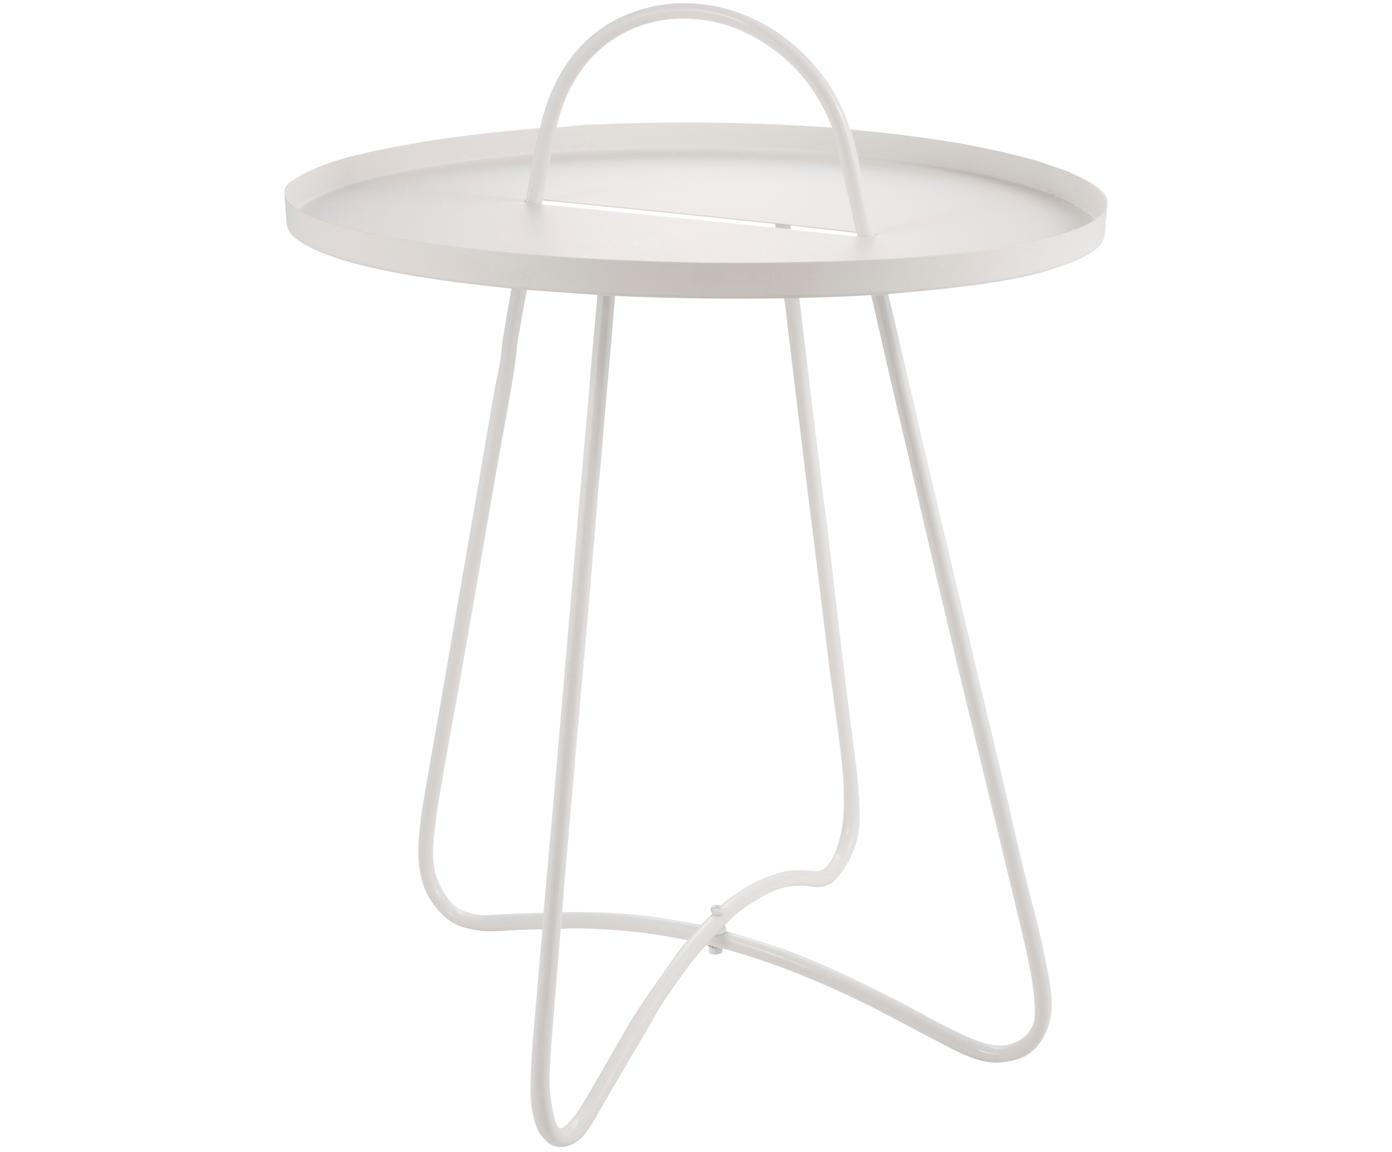 Metall-Beistelltisch Pronto, Metall, beschichtet, Weiß, Ø 46 x H 58 cm